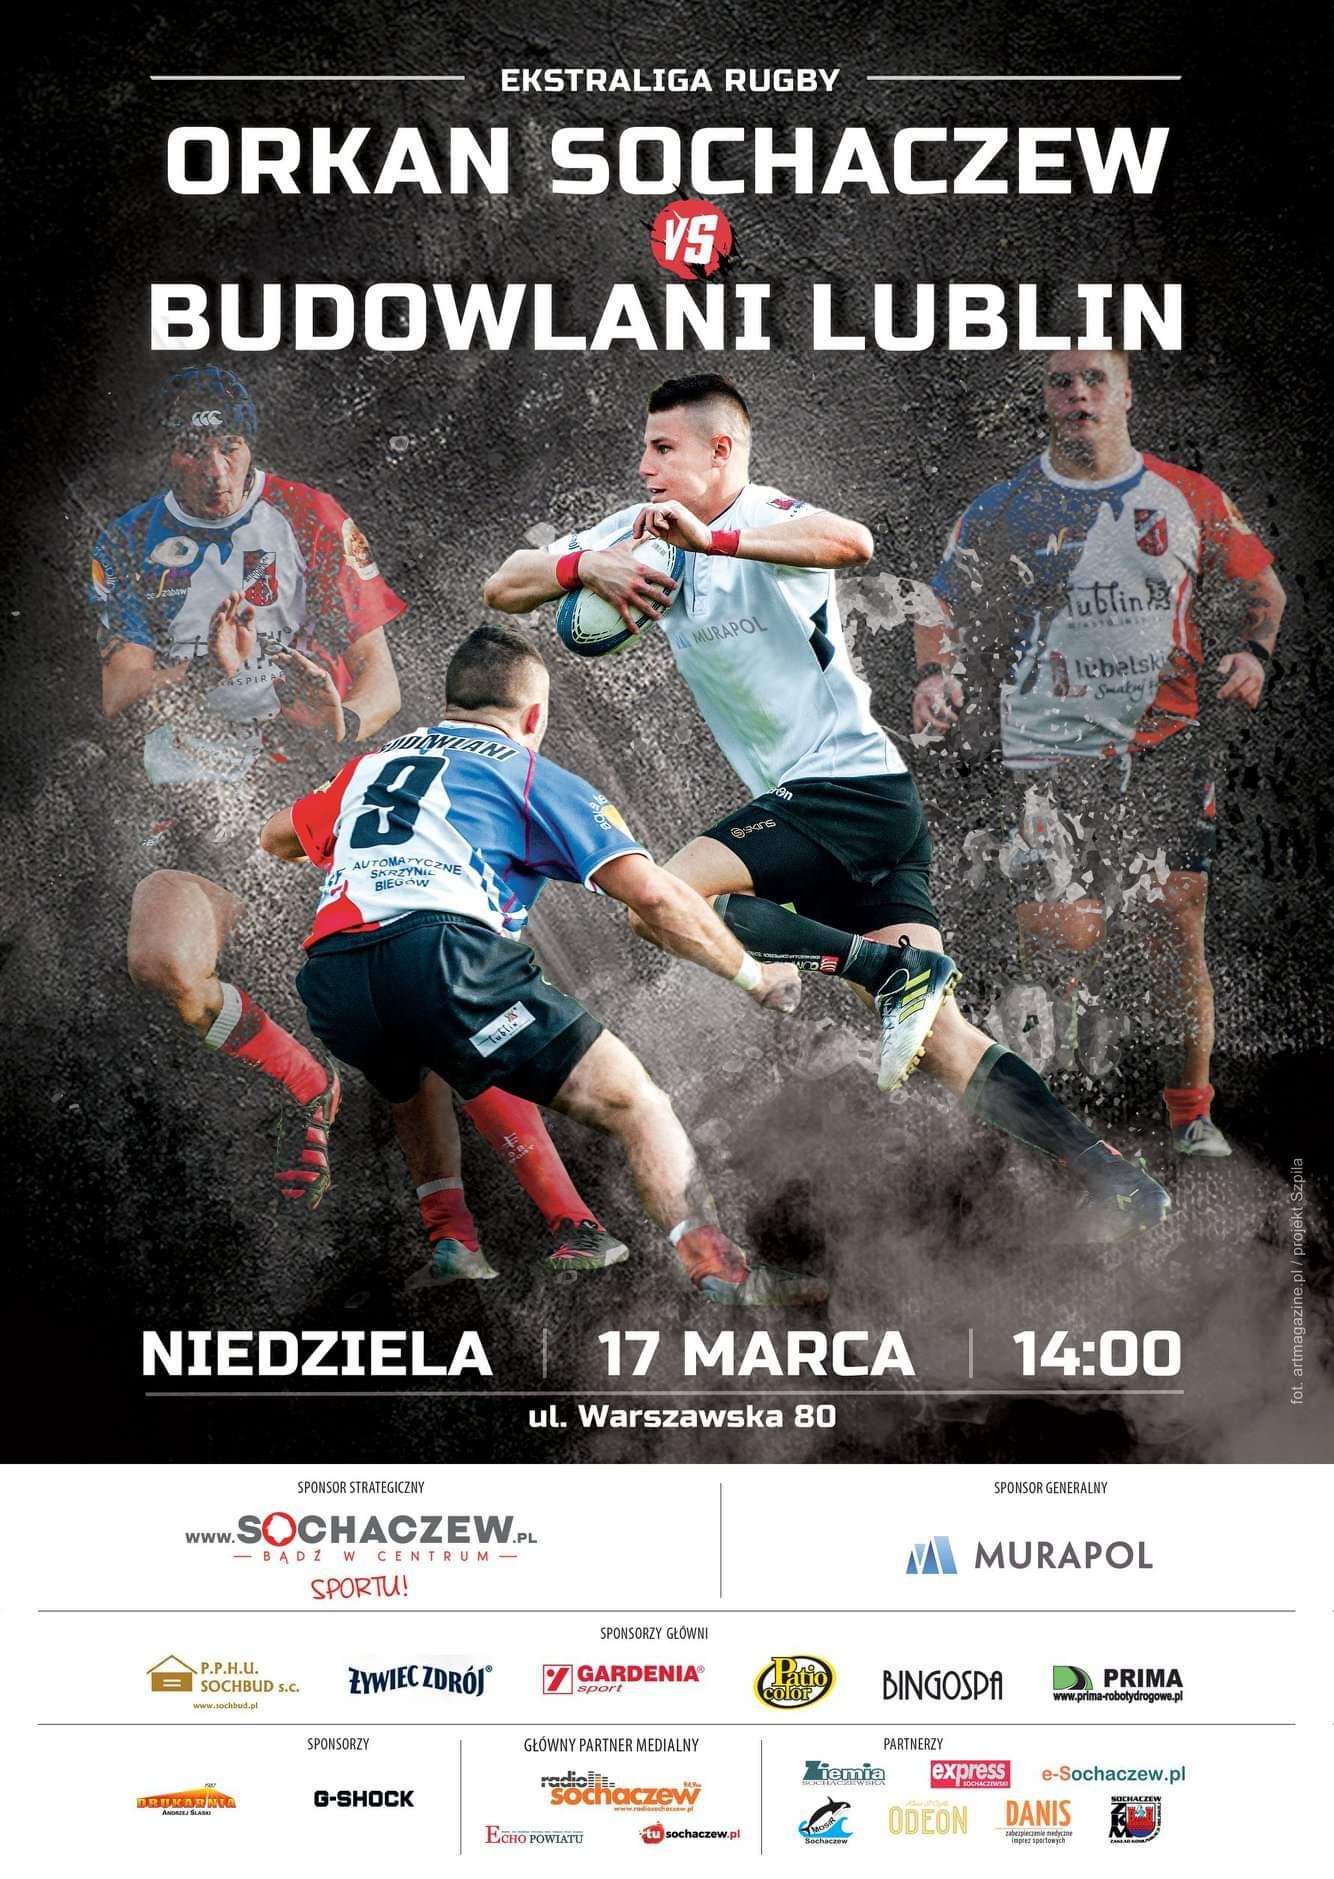 Zapowiedź: KS Budowlani Lublin - RC Orkan Sochaczew